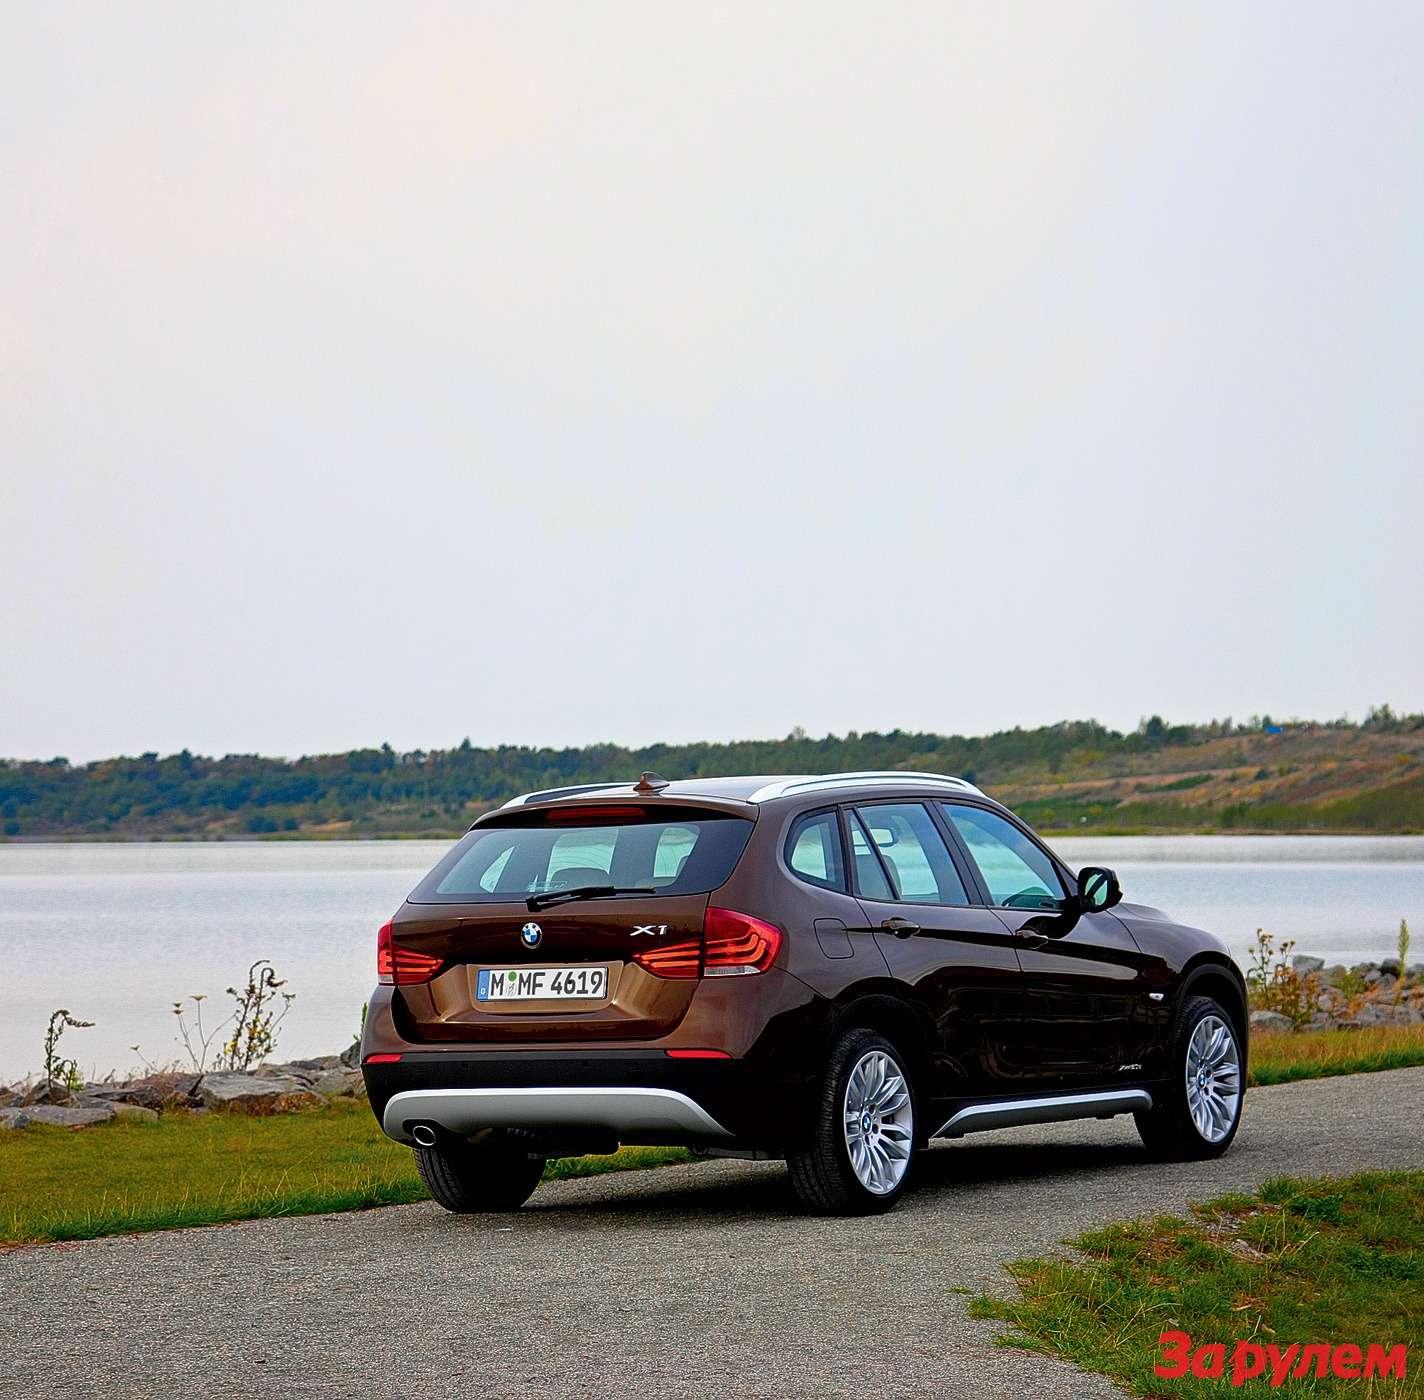 Автомобиль висполнении XLine отличается серебристыми вставками вбамперах инапорогах, атакже релингами накрыше.